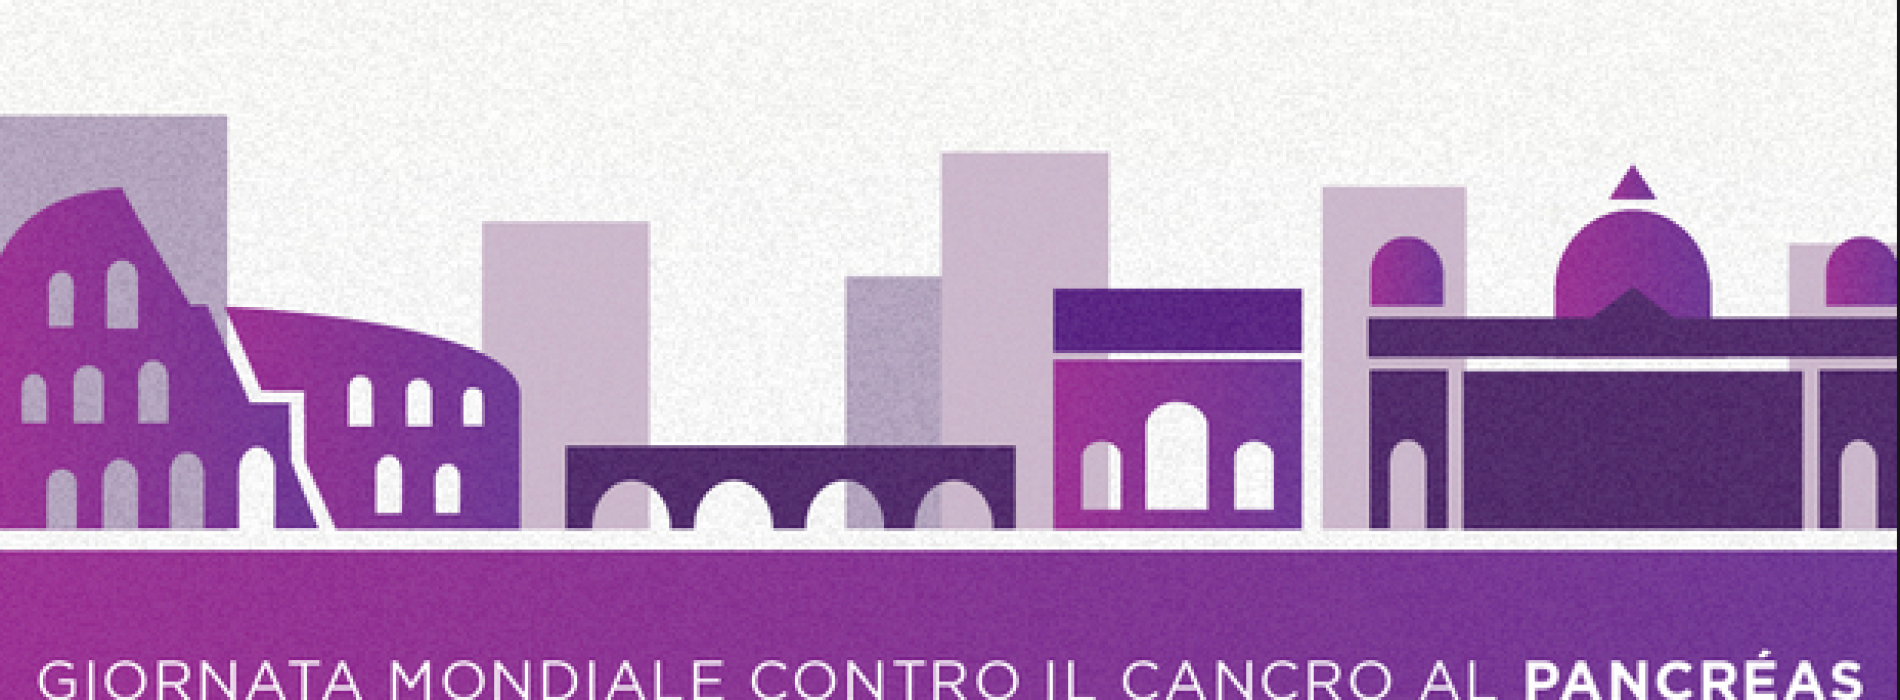 Giornata mondiale per la lotta al tumore al pancreas